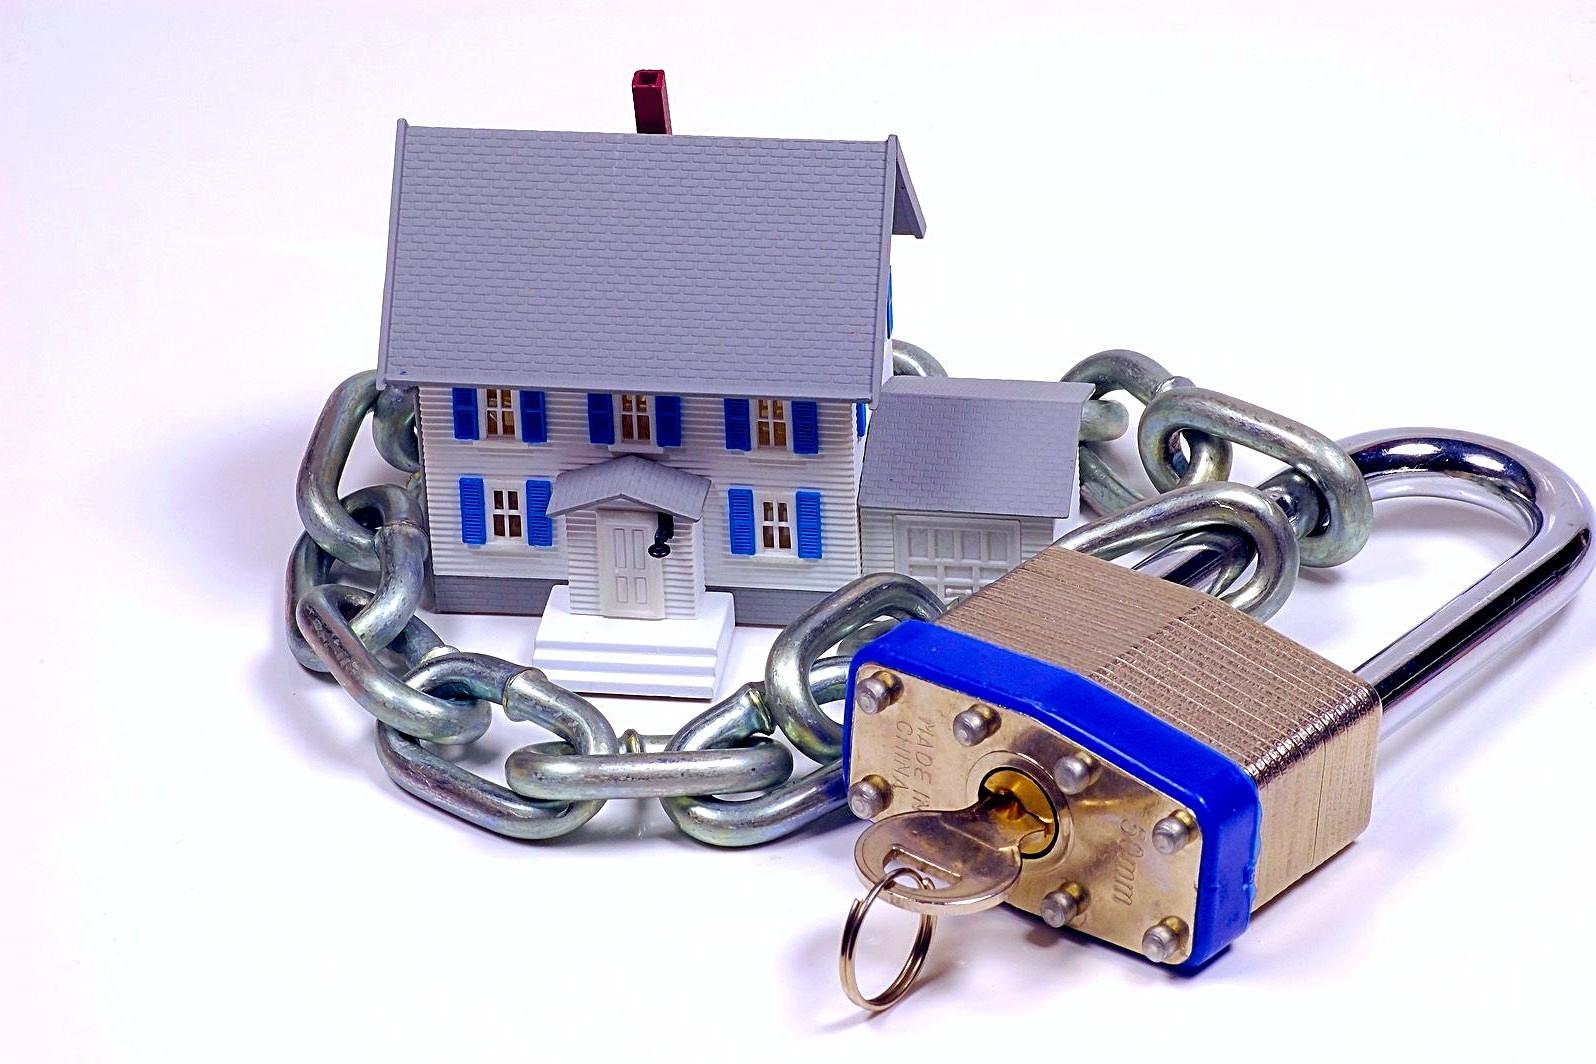 Conseils pour bien sécuriser sa maison contre les cambriolages